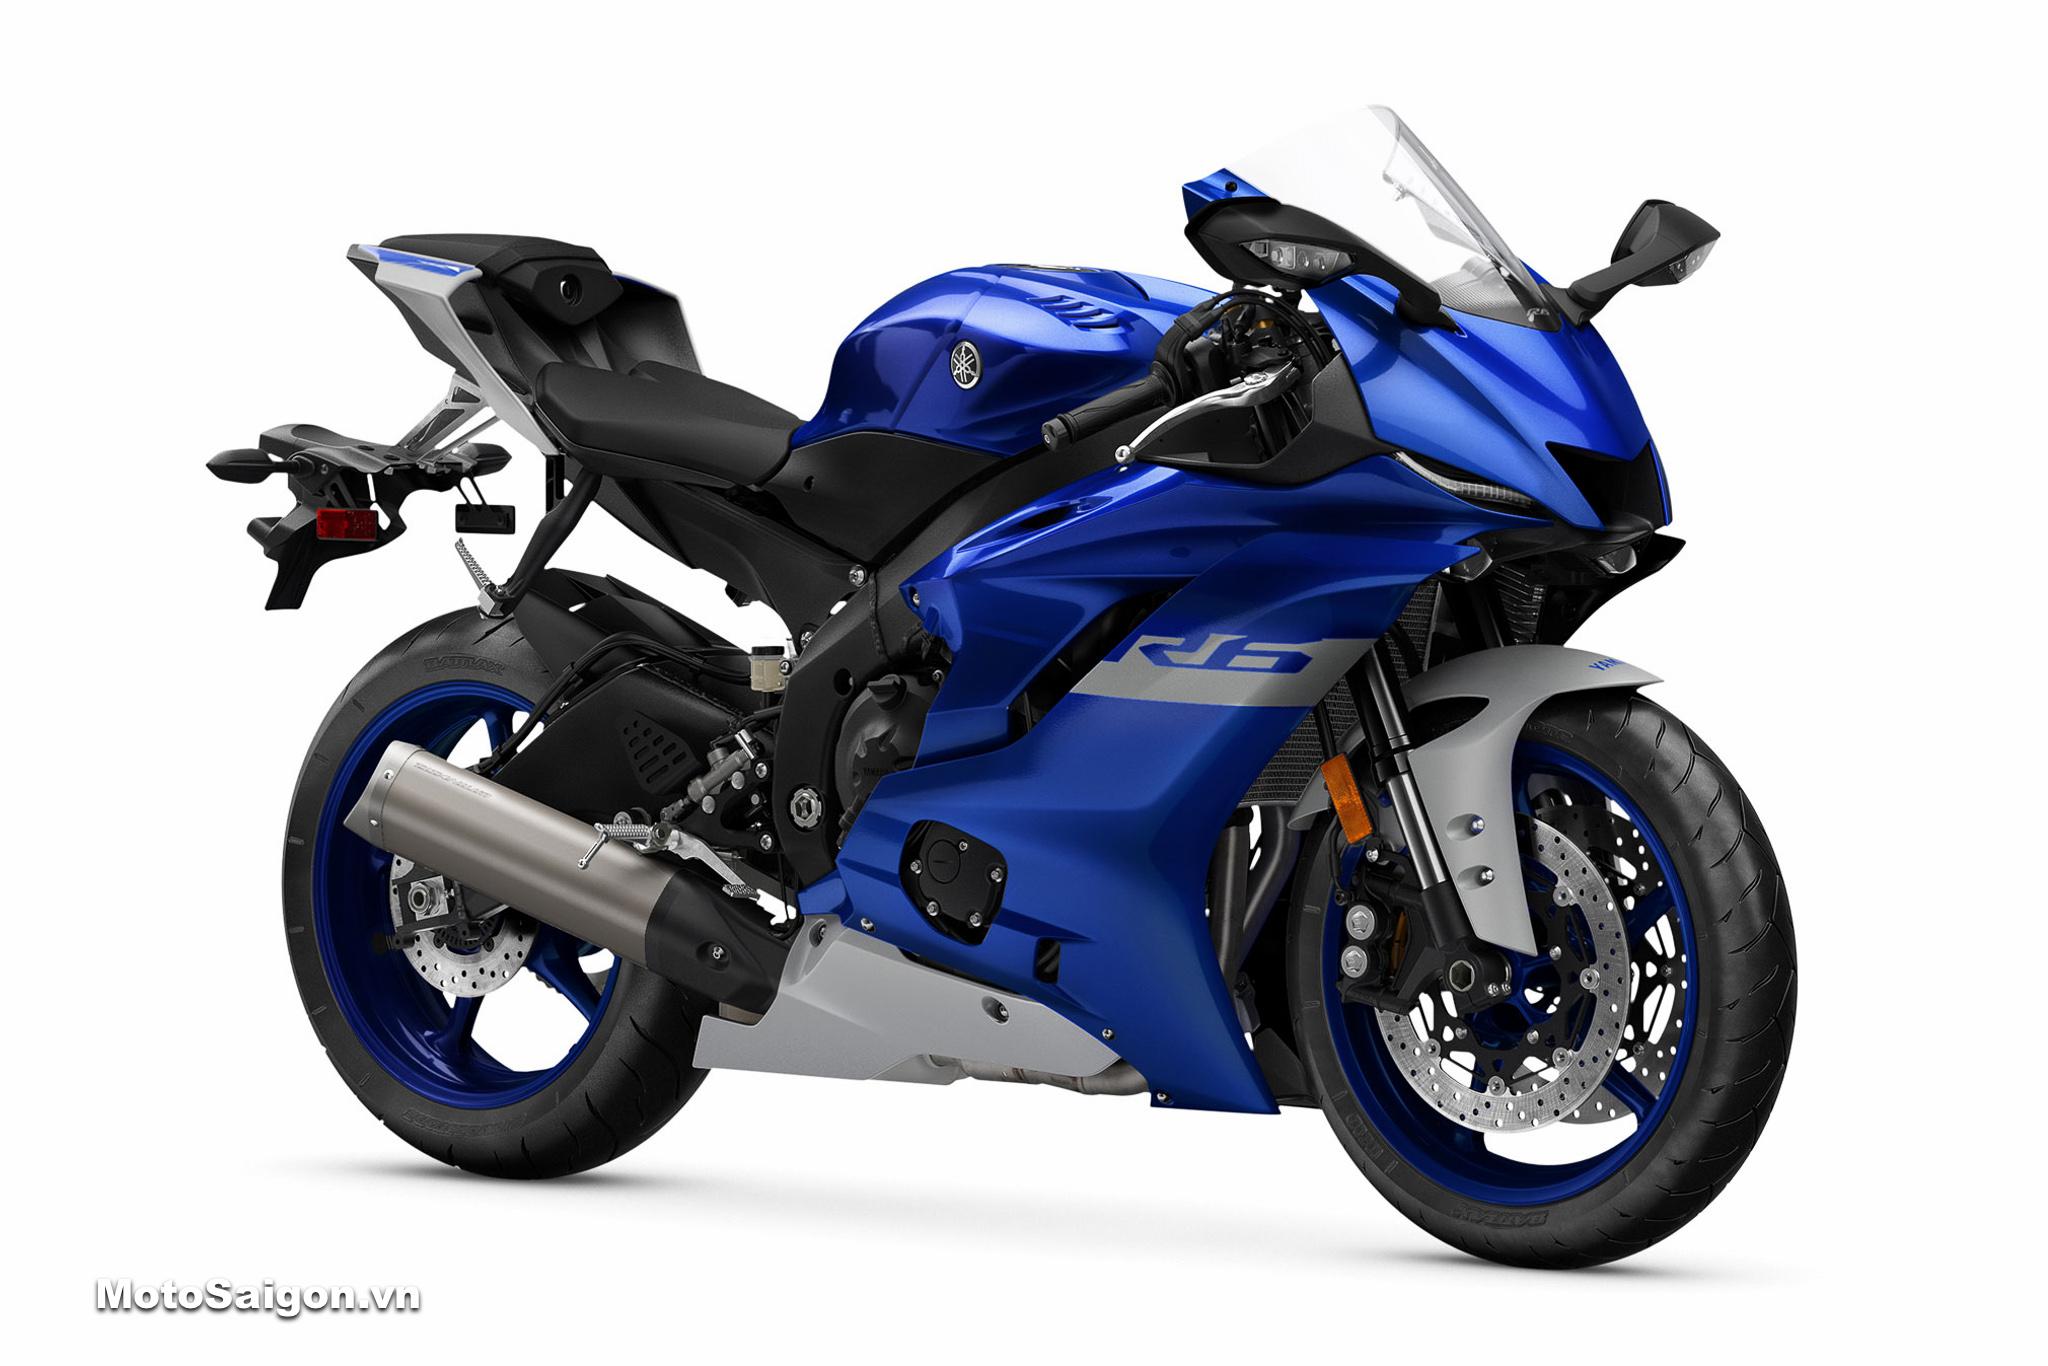 Yamaha R6 2020 màu xanh dương Racing Blue